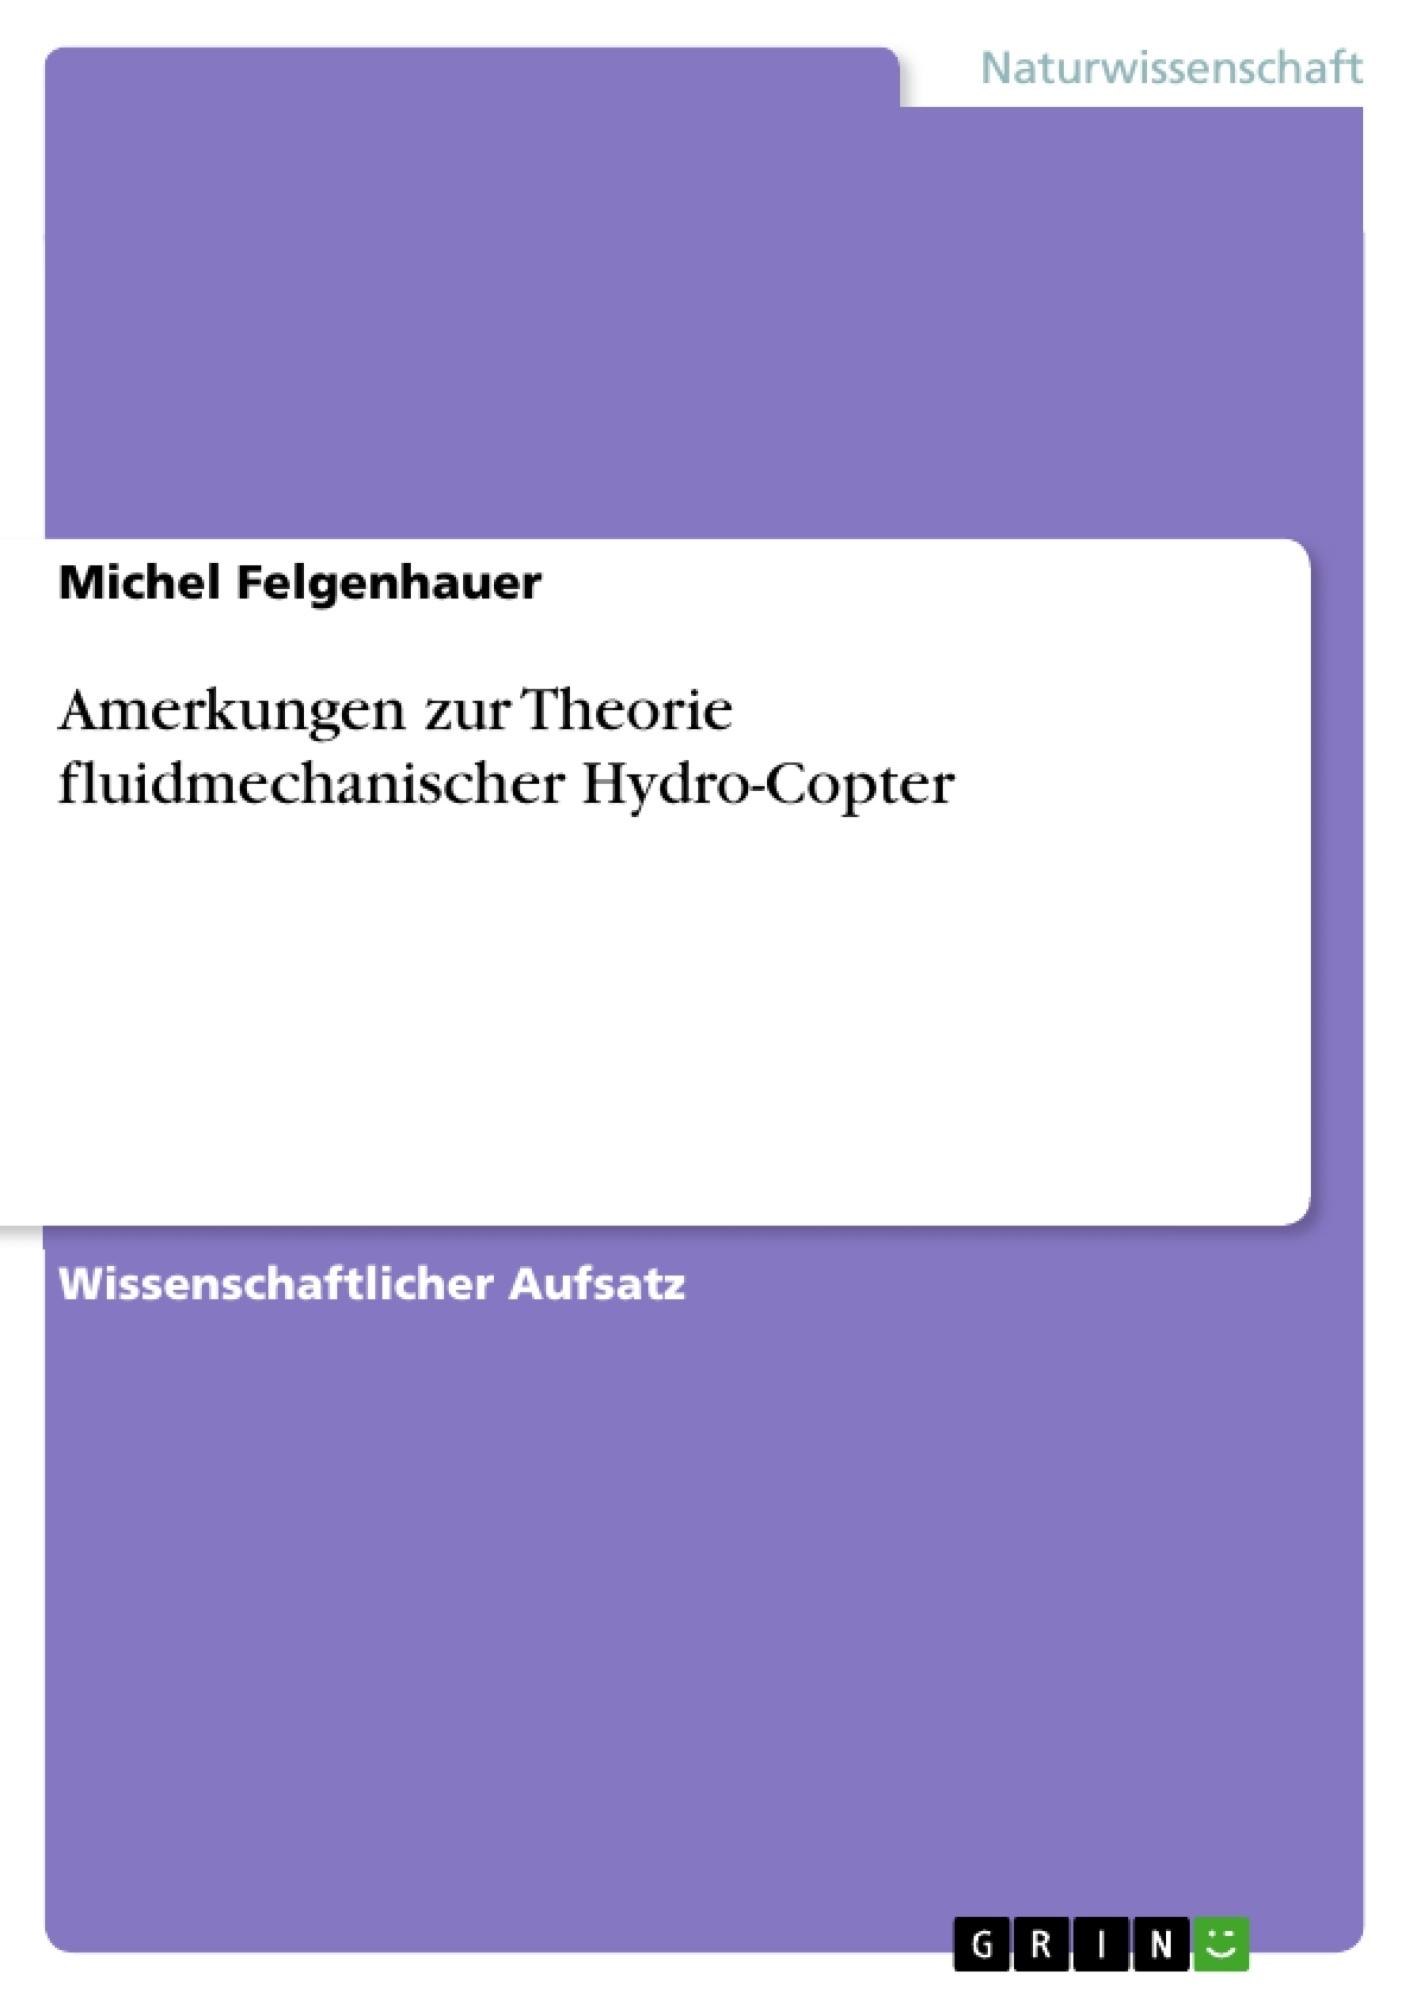 Titel: Amerkungen zur Theorie fluidmechanischer Hydro-Copter